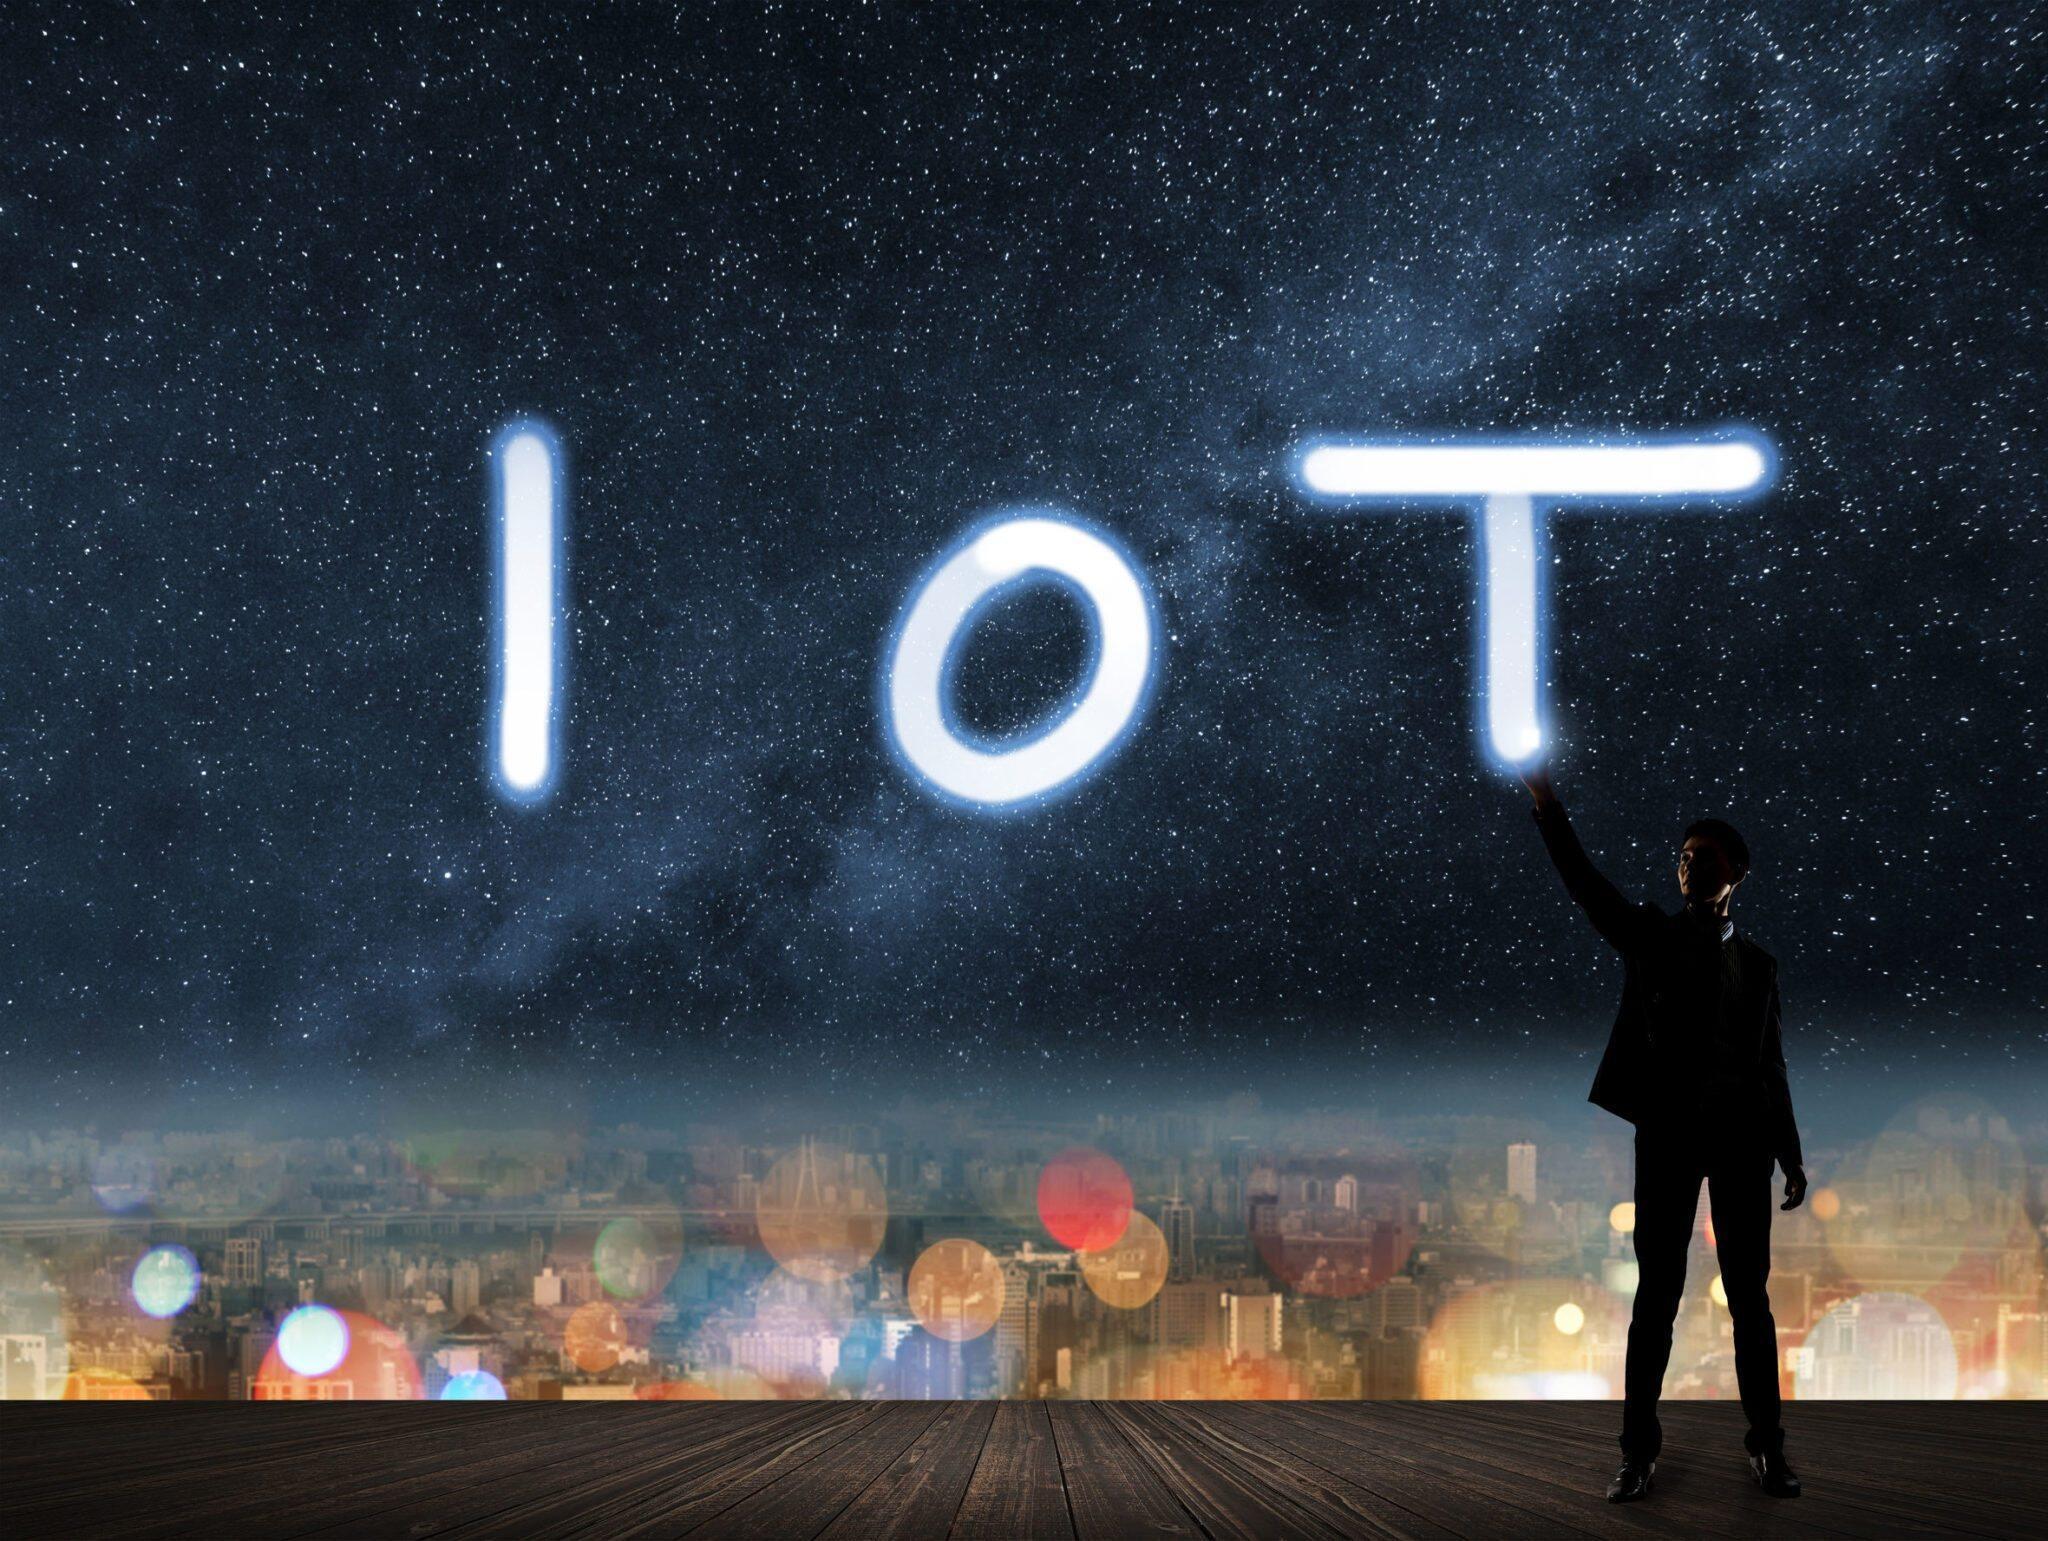 使用 AWS IoT Greengrass 在 OpenWrt 上构建边缘解决方案